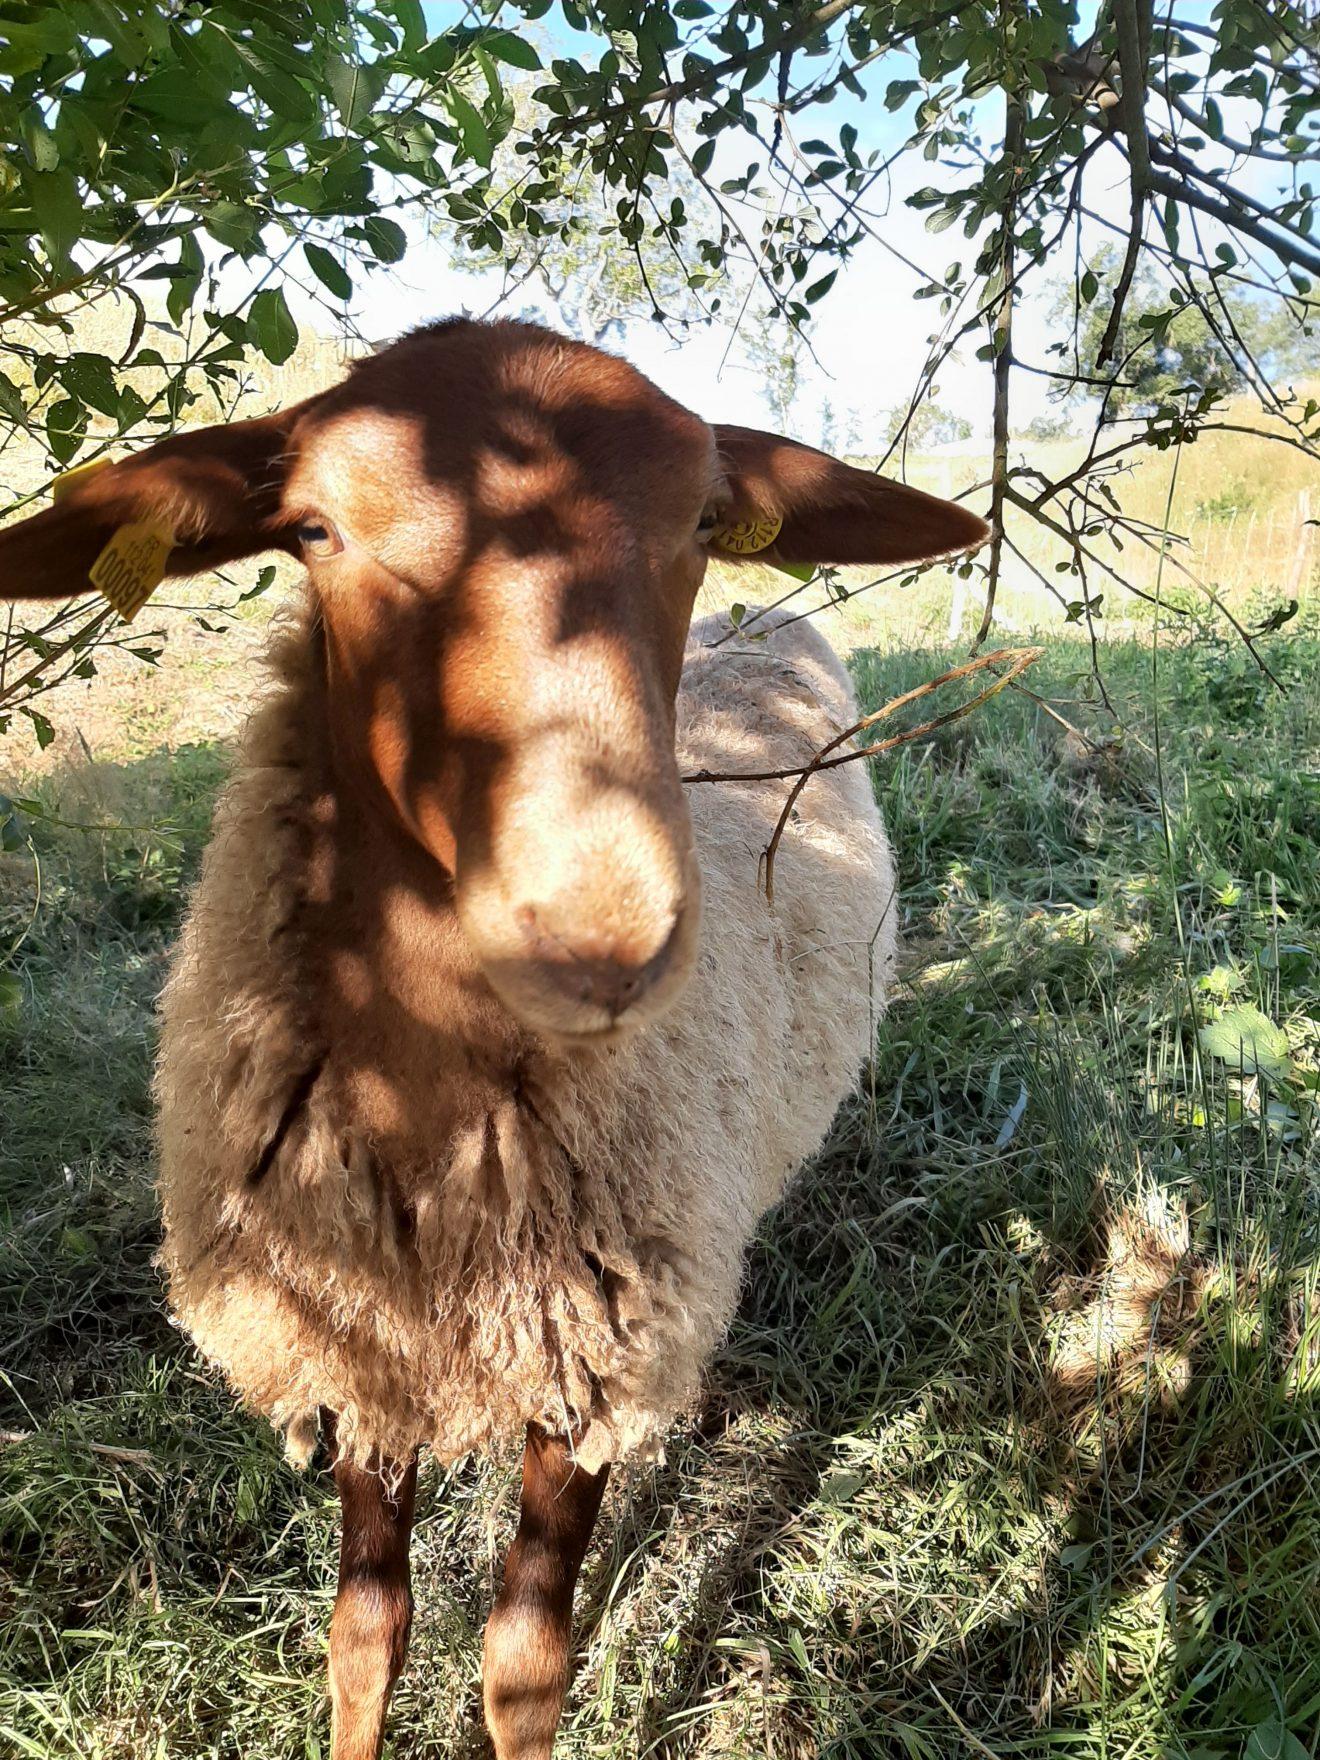 [:fr]L'Estefana - Mouton Julia[:nl]L'Estefana - Schaap Julia[:en]L'Estefana - Sheep Julia[:de]L'Estefana - Schaf Julia[:]